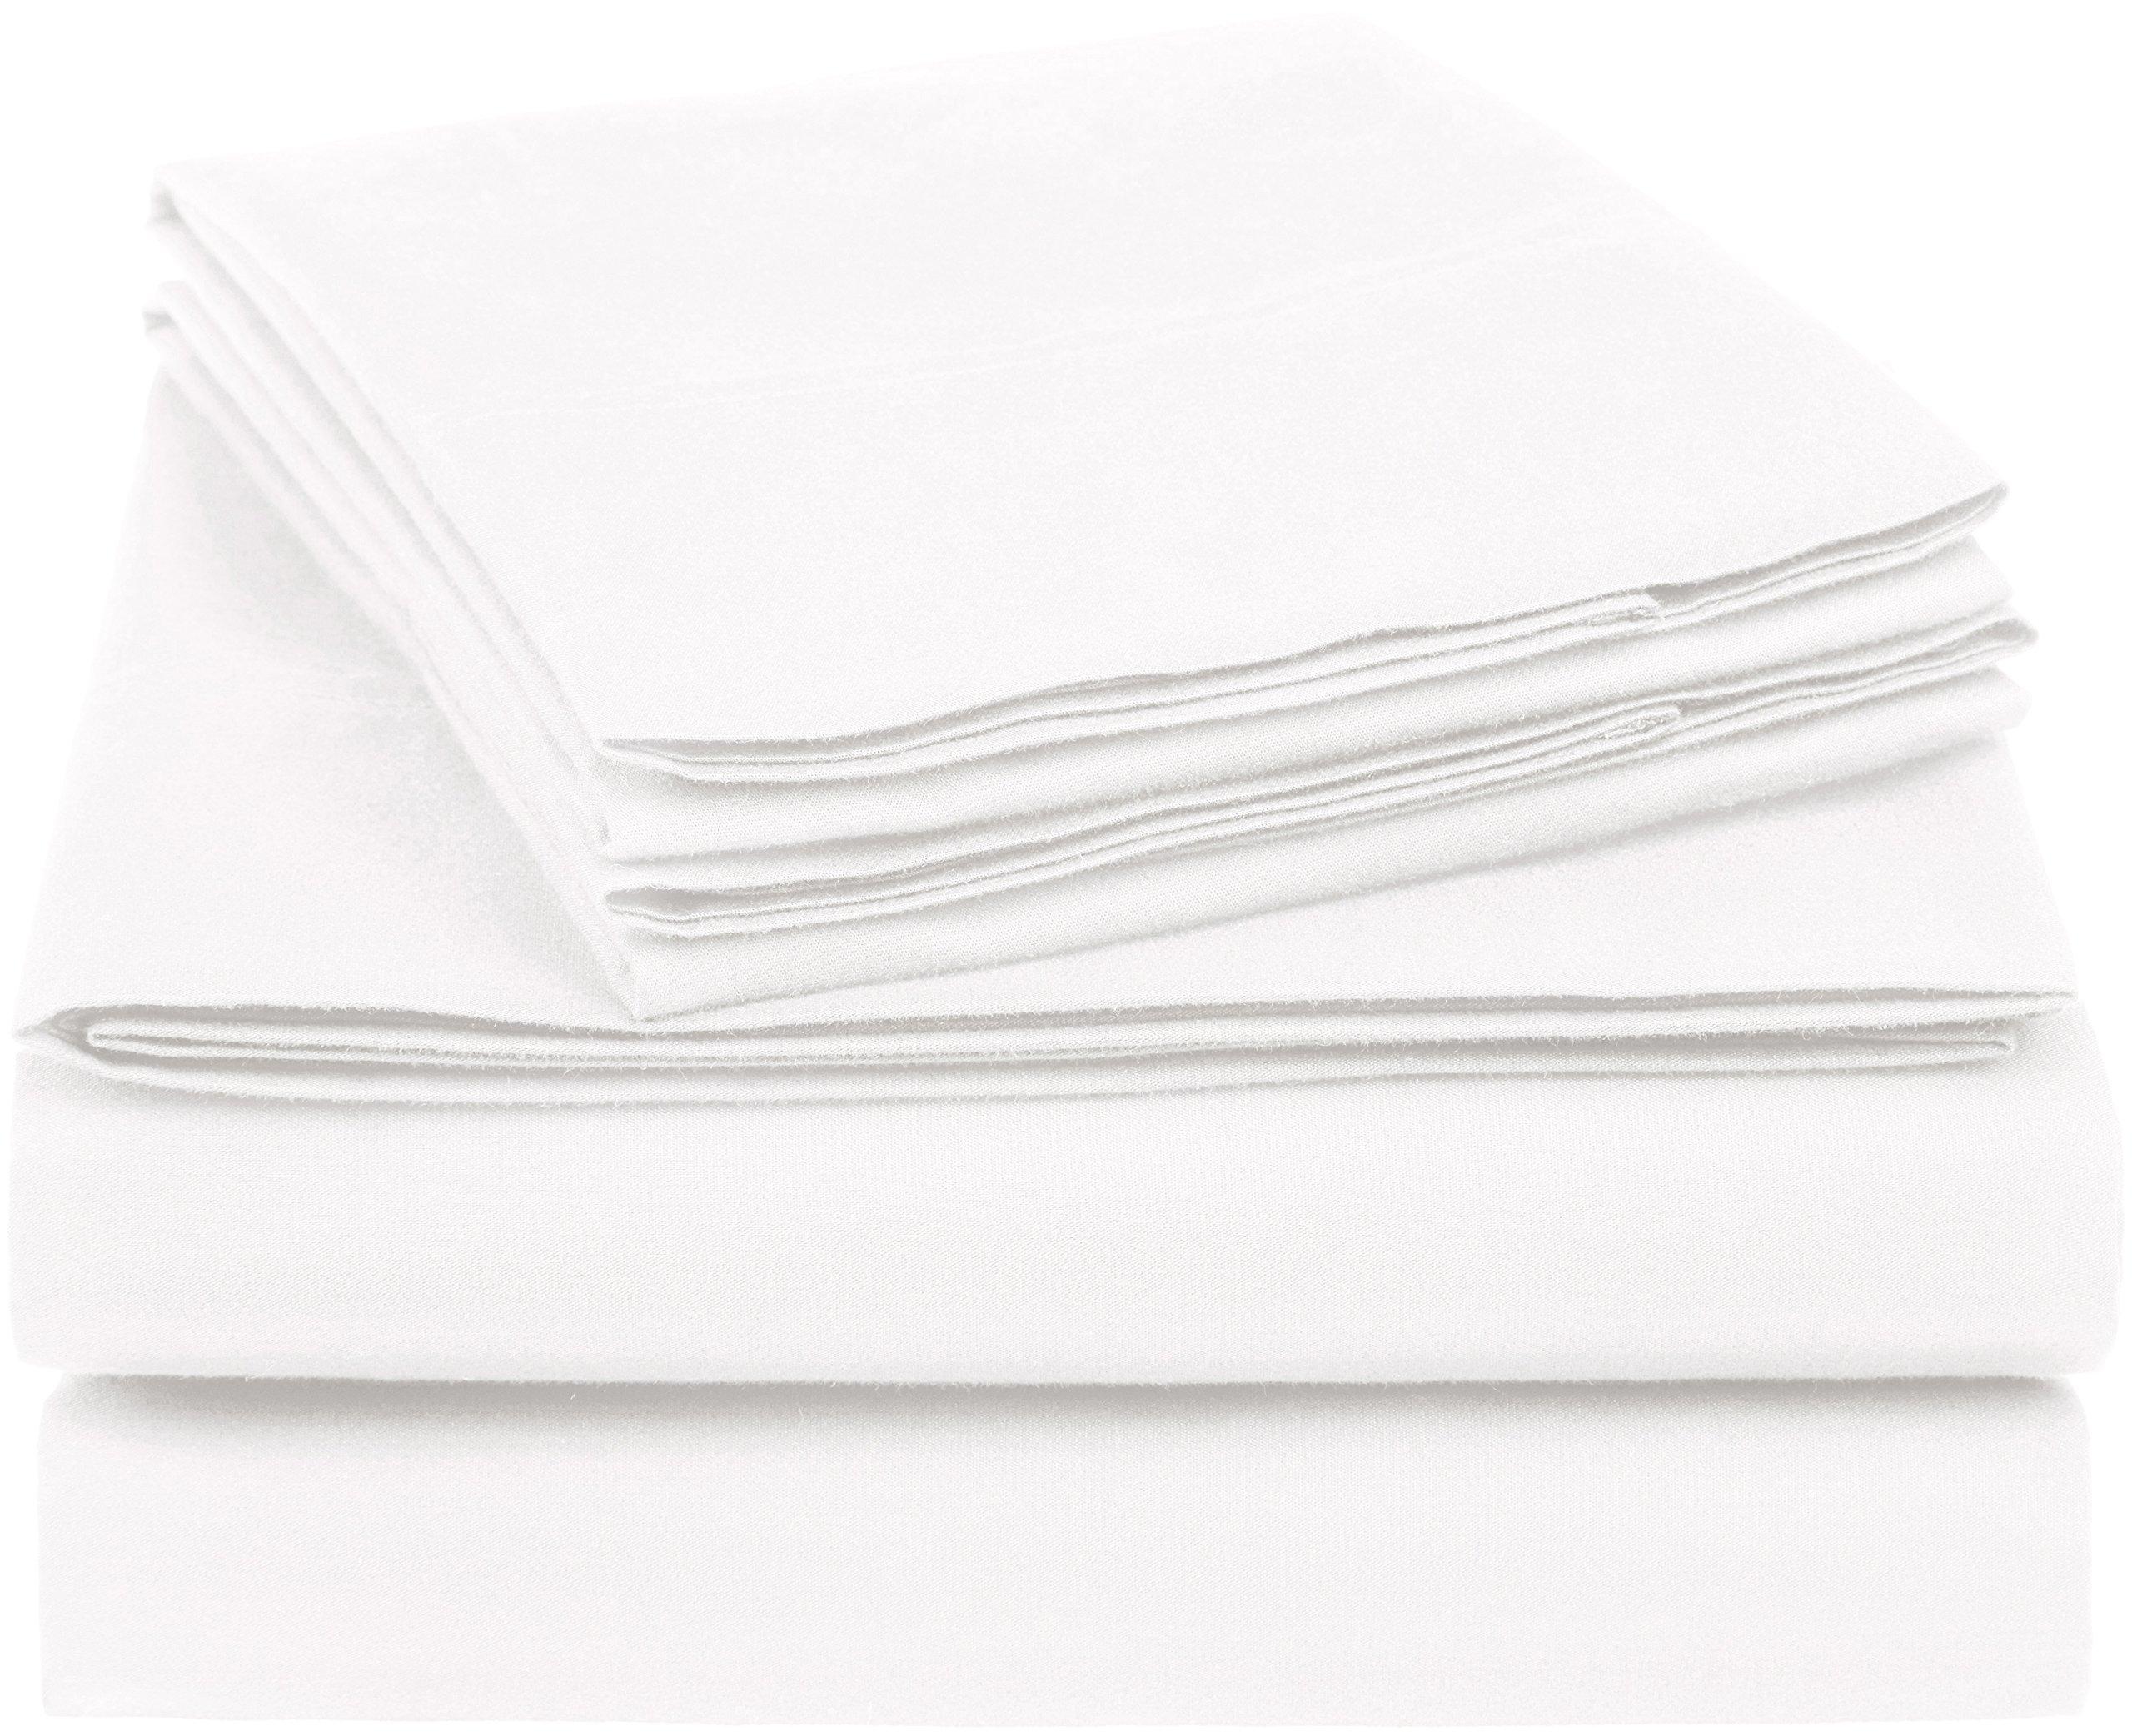 AmazonBasics Essential Cotton Blend Sheet Set -King, White by AmazonBasics (Image #1)